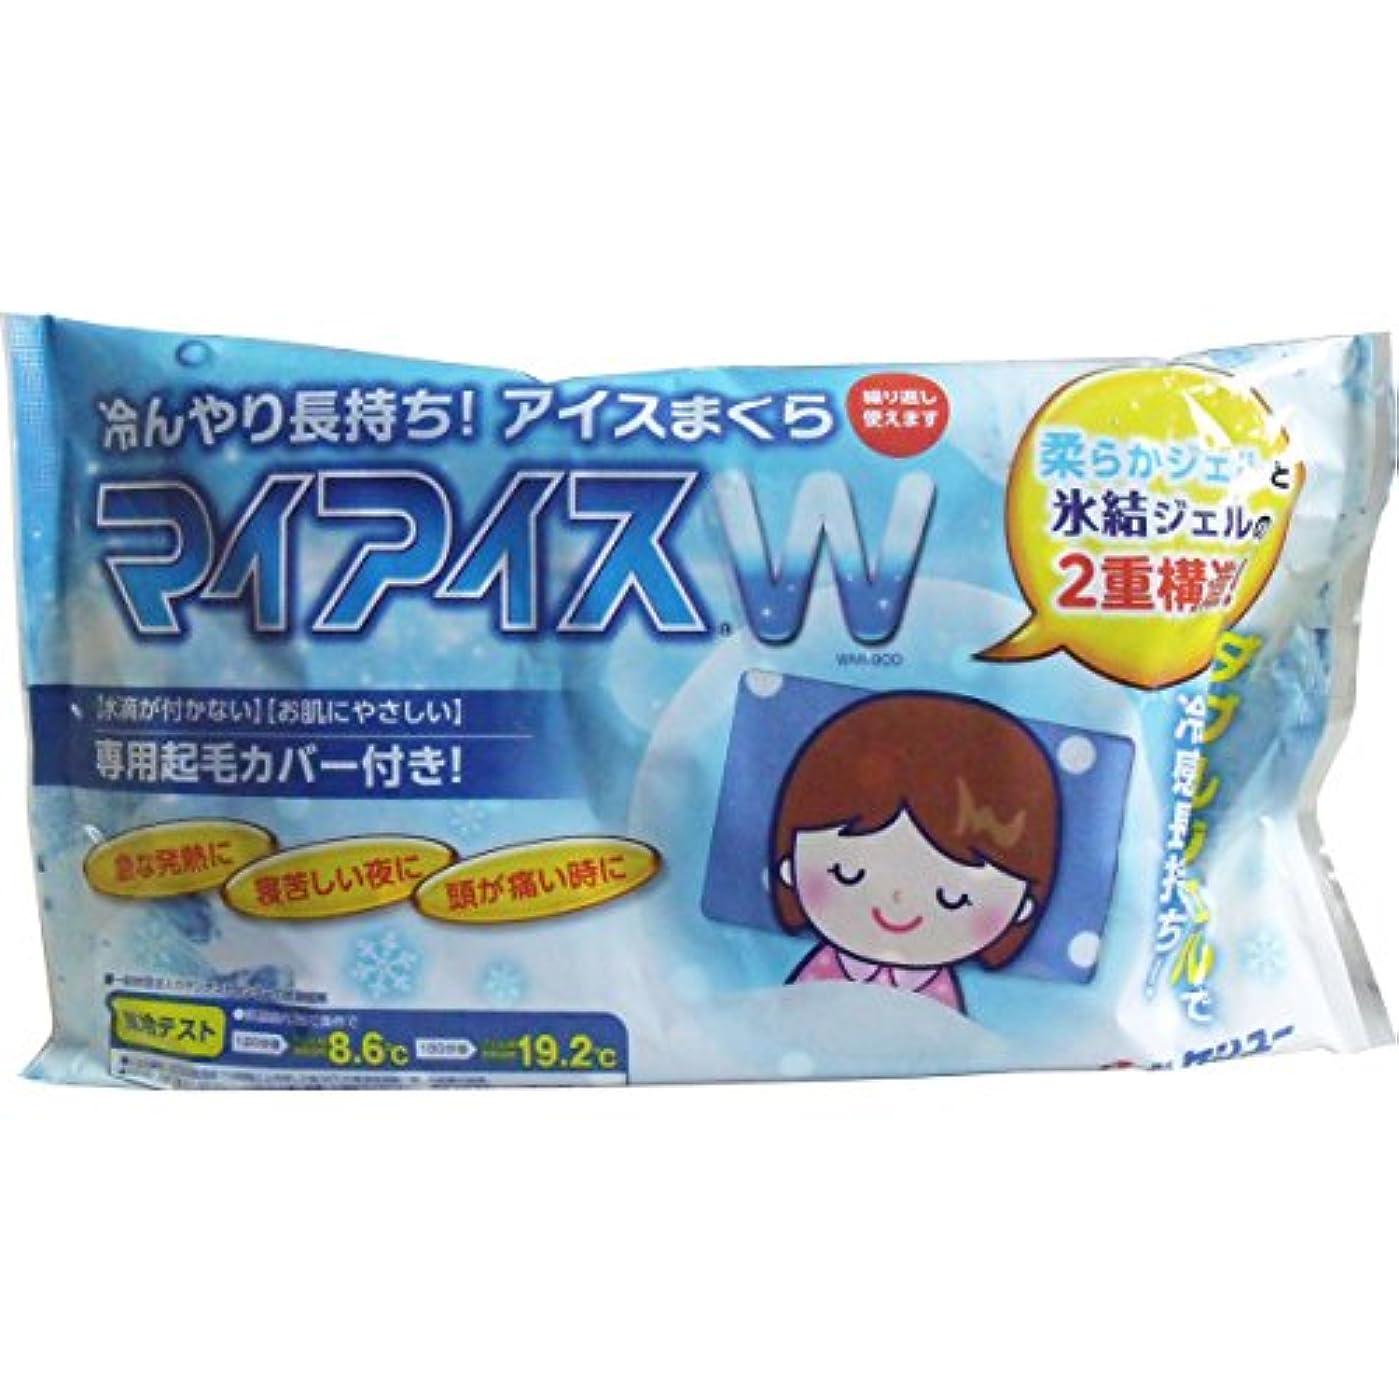 キノコのヒープスリムアイス まくら 冷感 グッズ 氷枕 ダブルジェルで冷感長持ち!専用起毛カバー付き